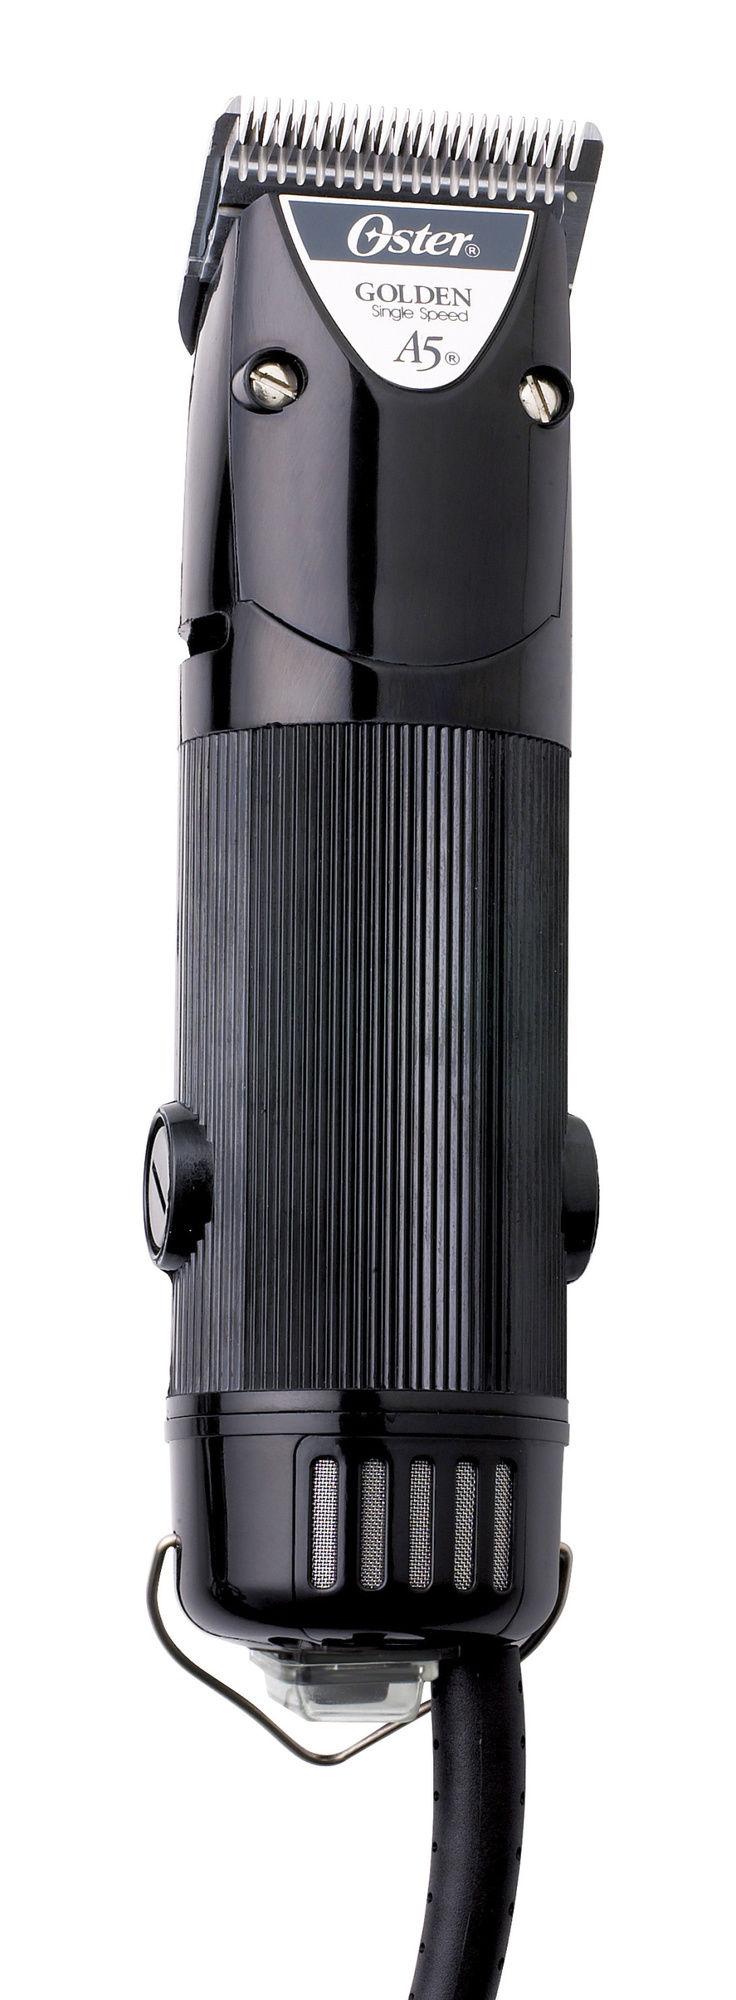 Oster-Schermaschine Golden A5  1-speed (ohne Schermesser)